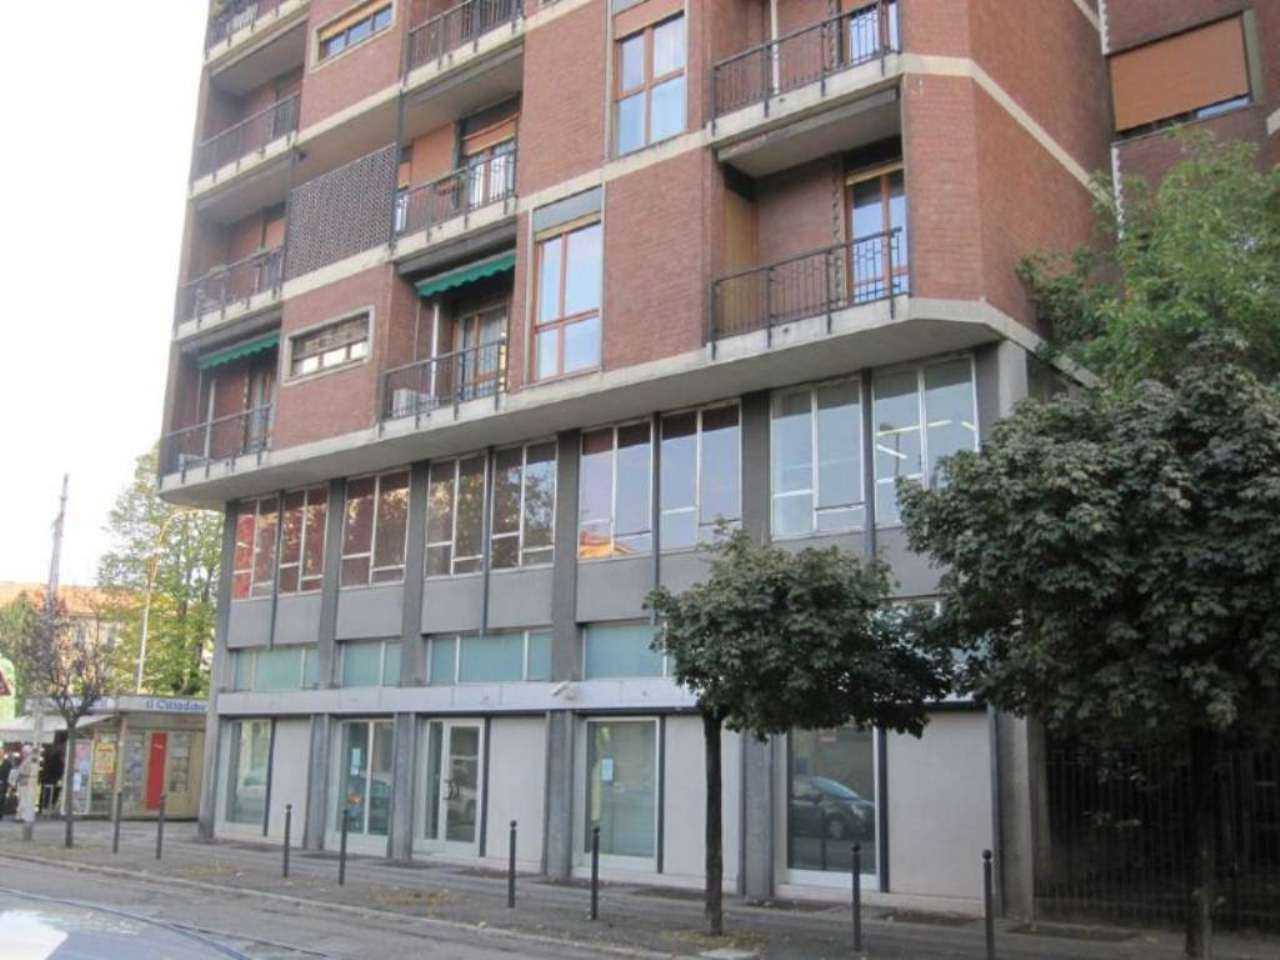 Ufficio / Studio in vendita a Desio, 3 locali, prezzo € 220.000 | Cambio Casa.it